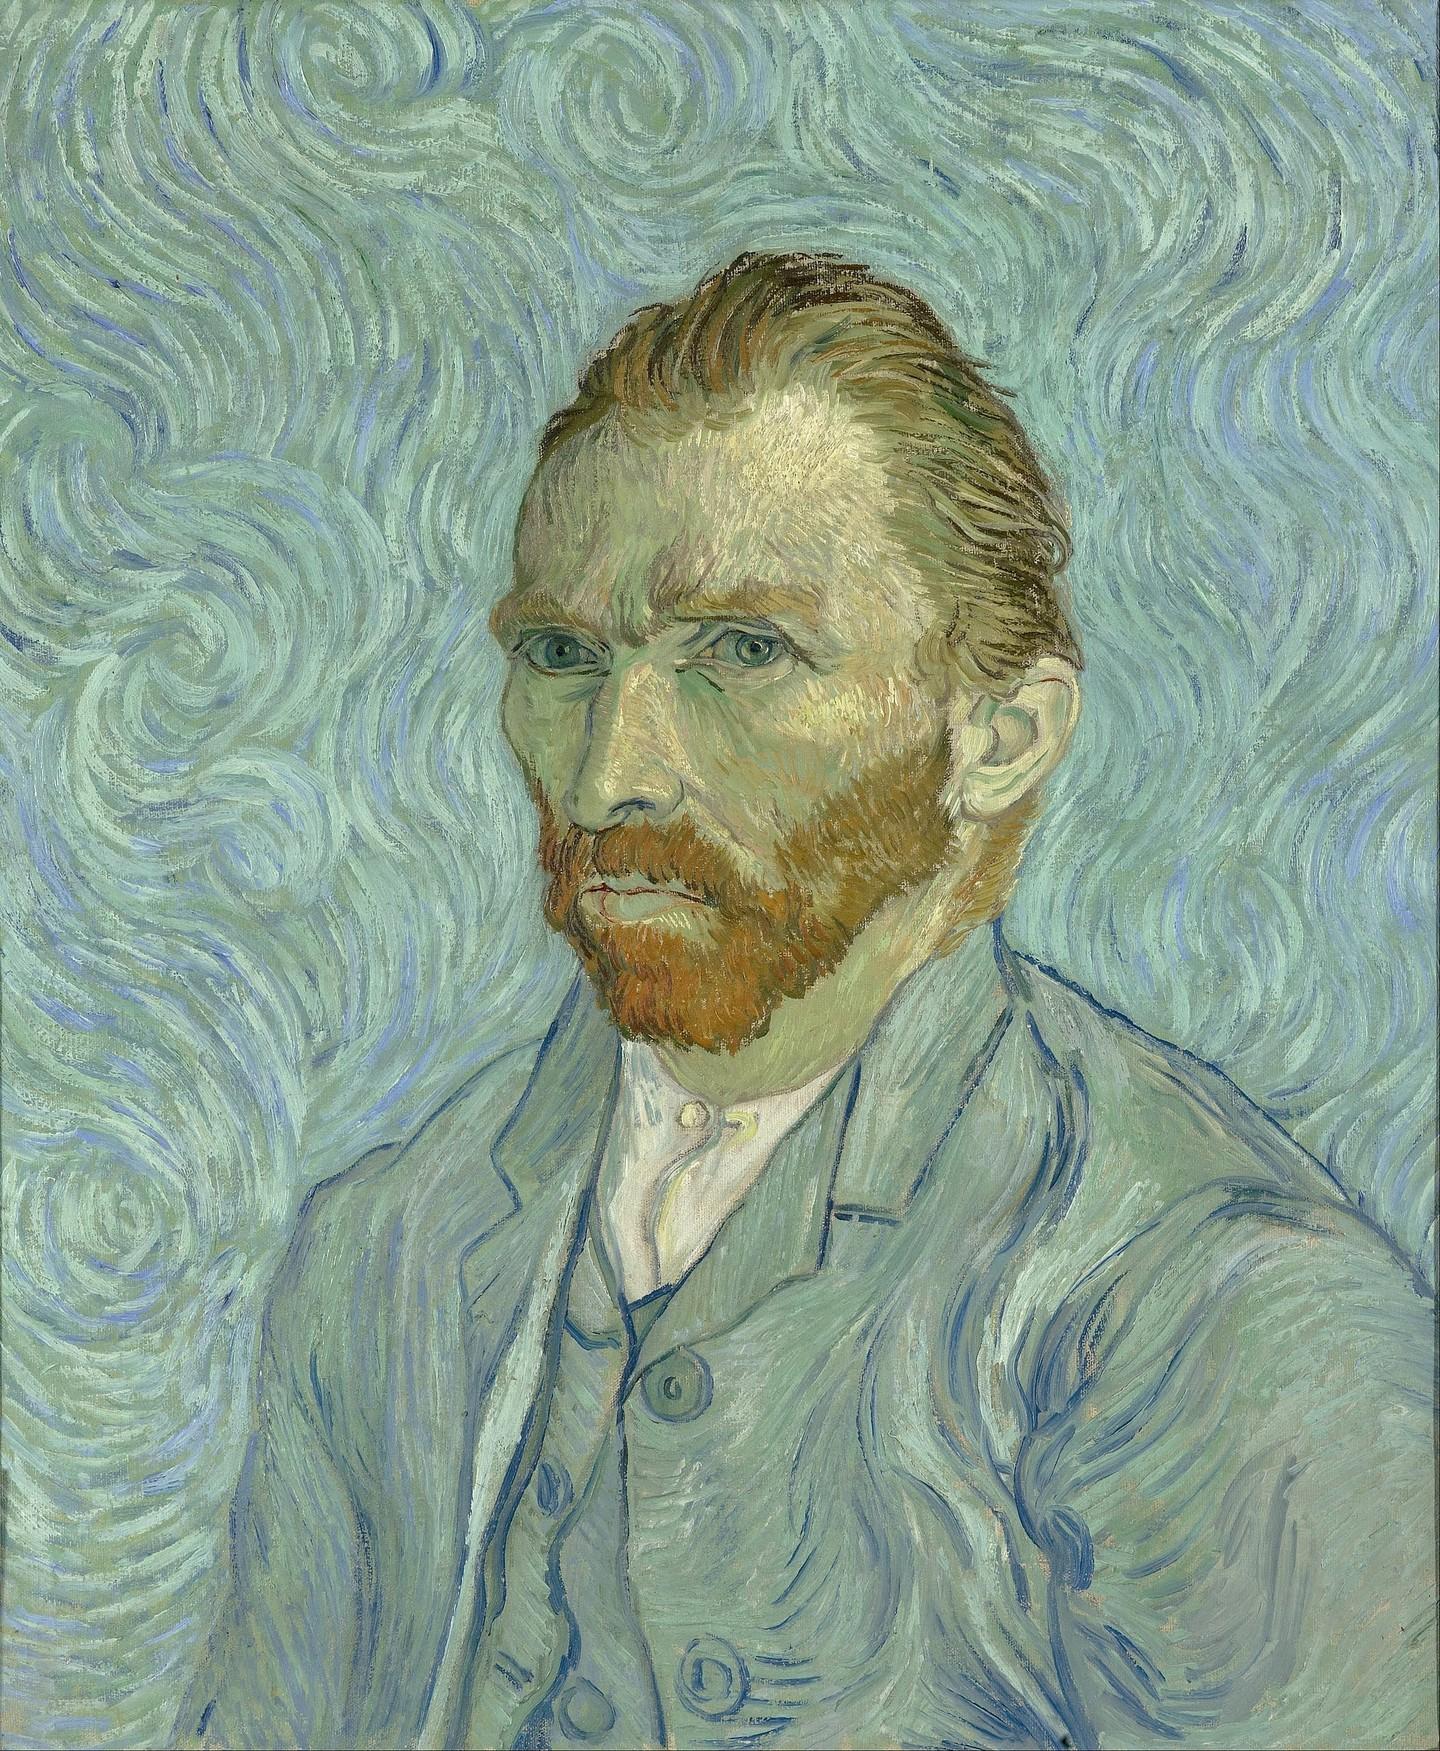 Vincent Van Gogh 'Self Portrait', 1889